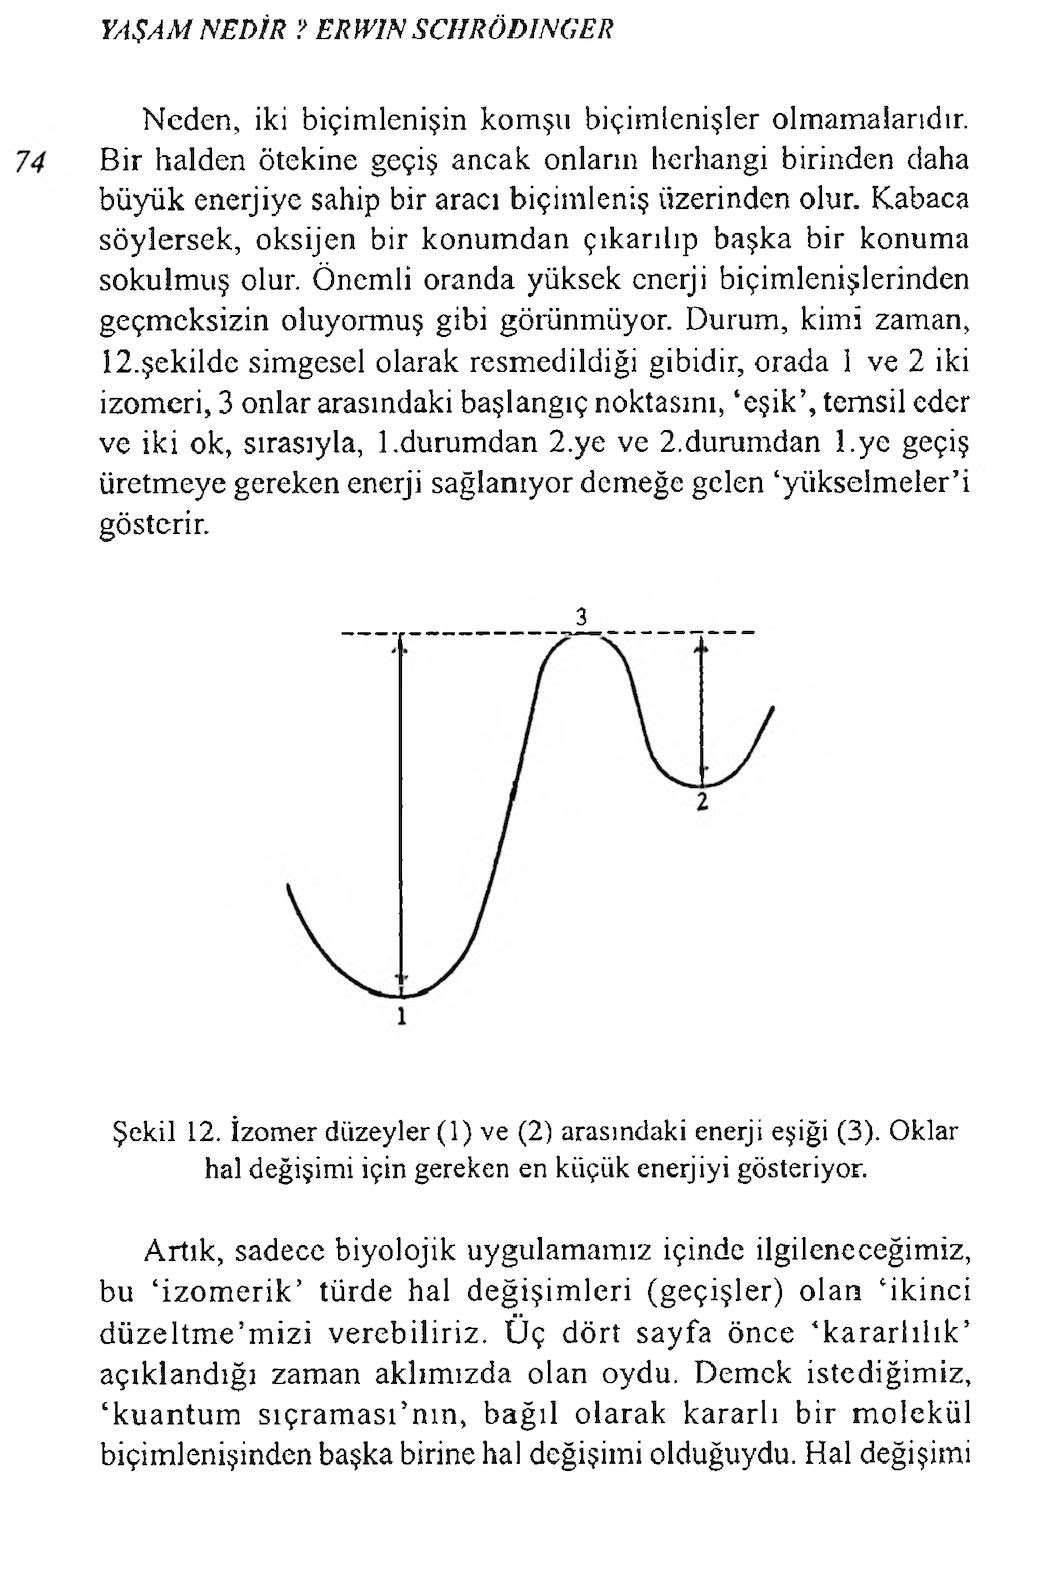 Erwin Schrödinger Yaşam Nedir Calameo Downloader